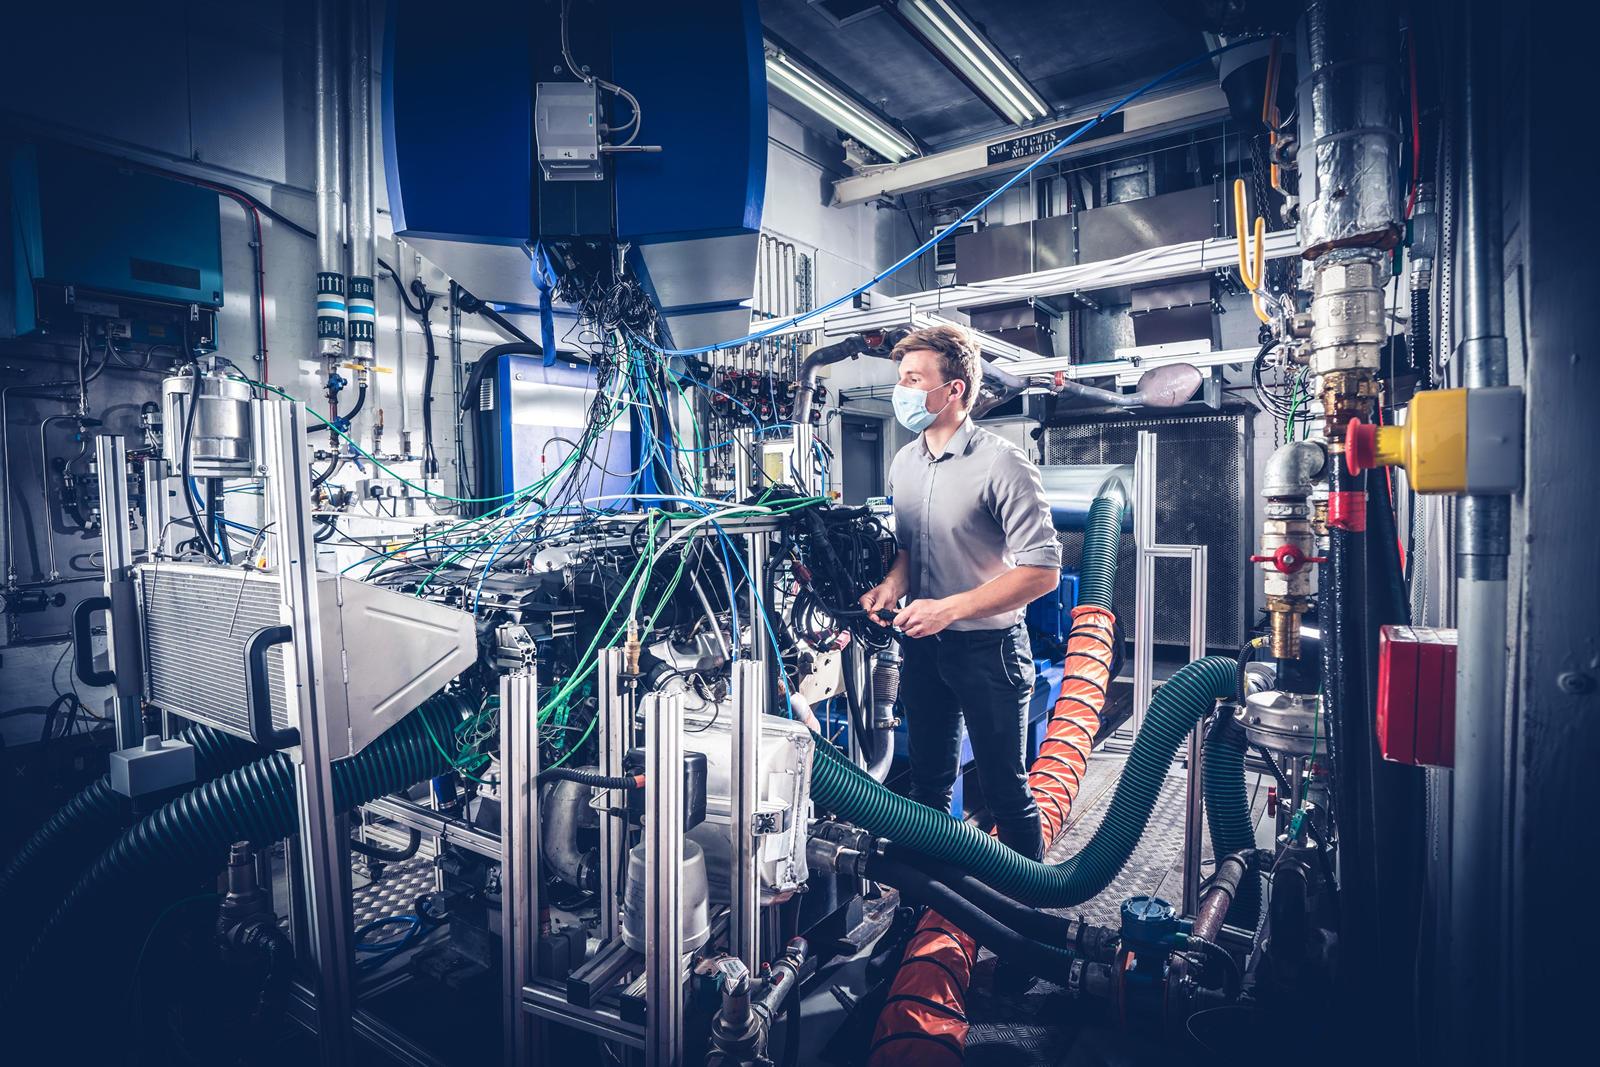 Во-первых, двигатель проверяется на герметичность, тест можно проводить после того, как он будет собран до такой степени, что топливная, водяная и масляная системы будут закрыты. Этот этап производства известен как «короткий двигатель».